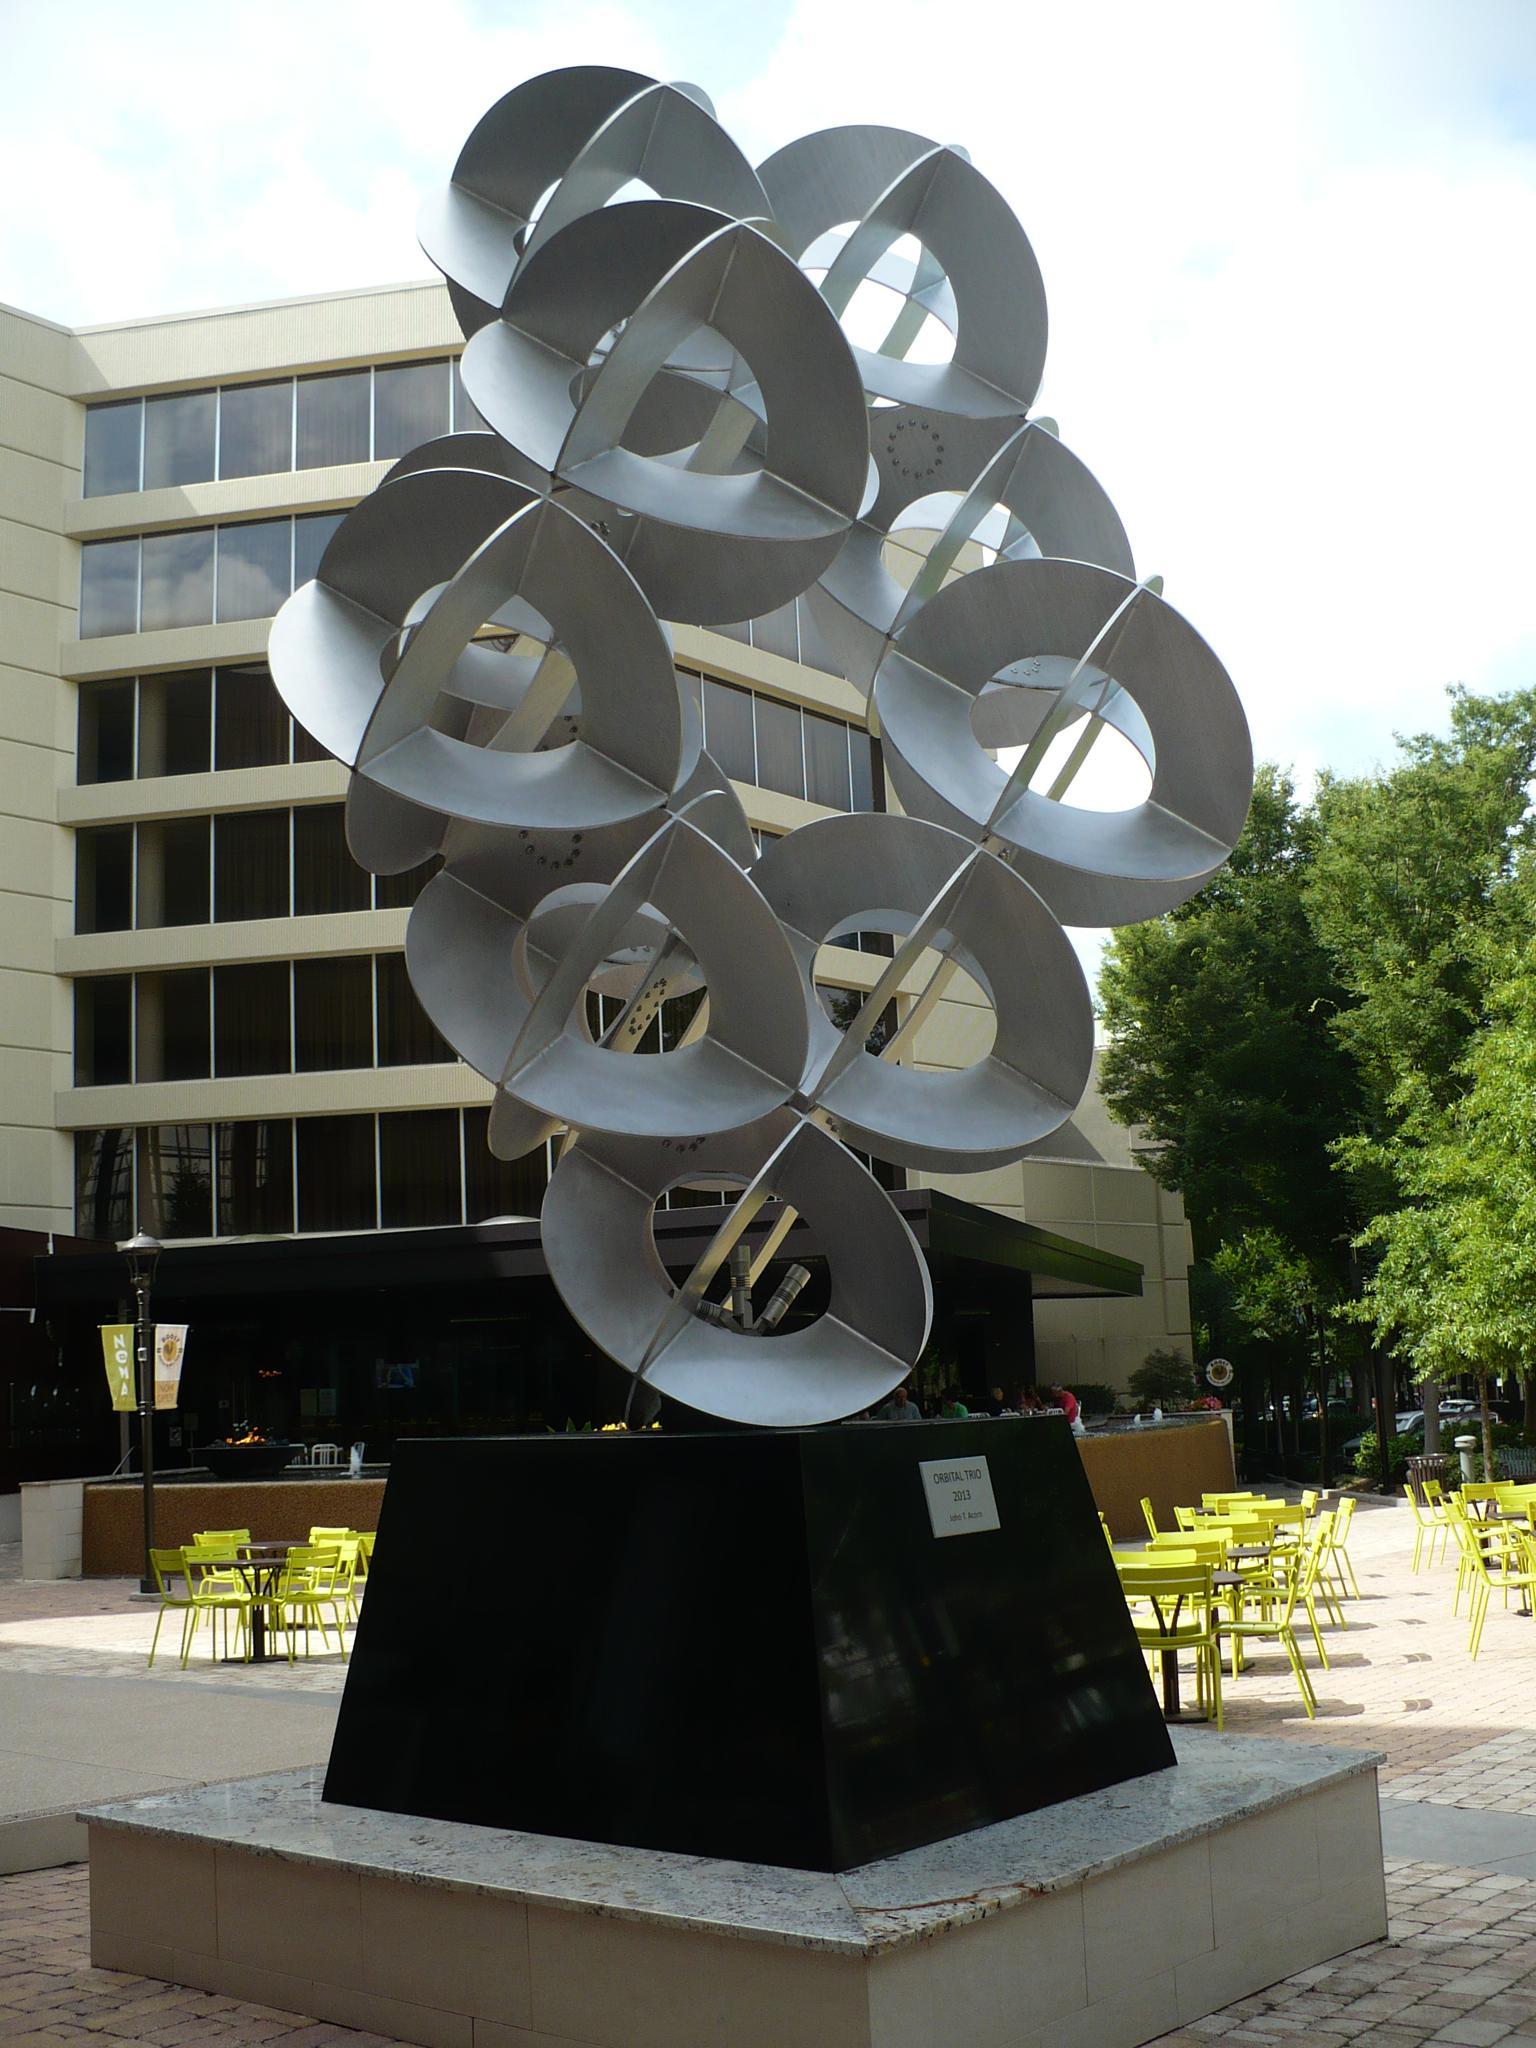 Greenville, SC - Sculpture - 2 by Joan Barrett